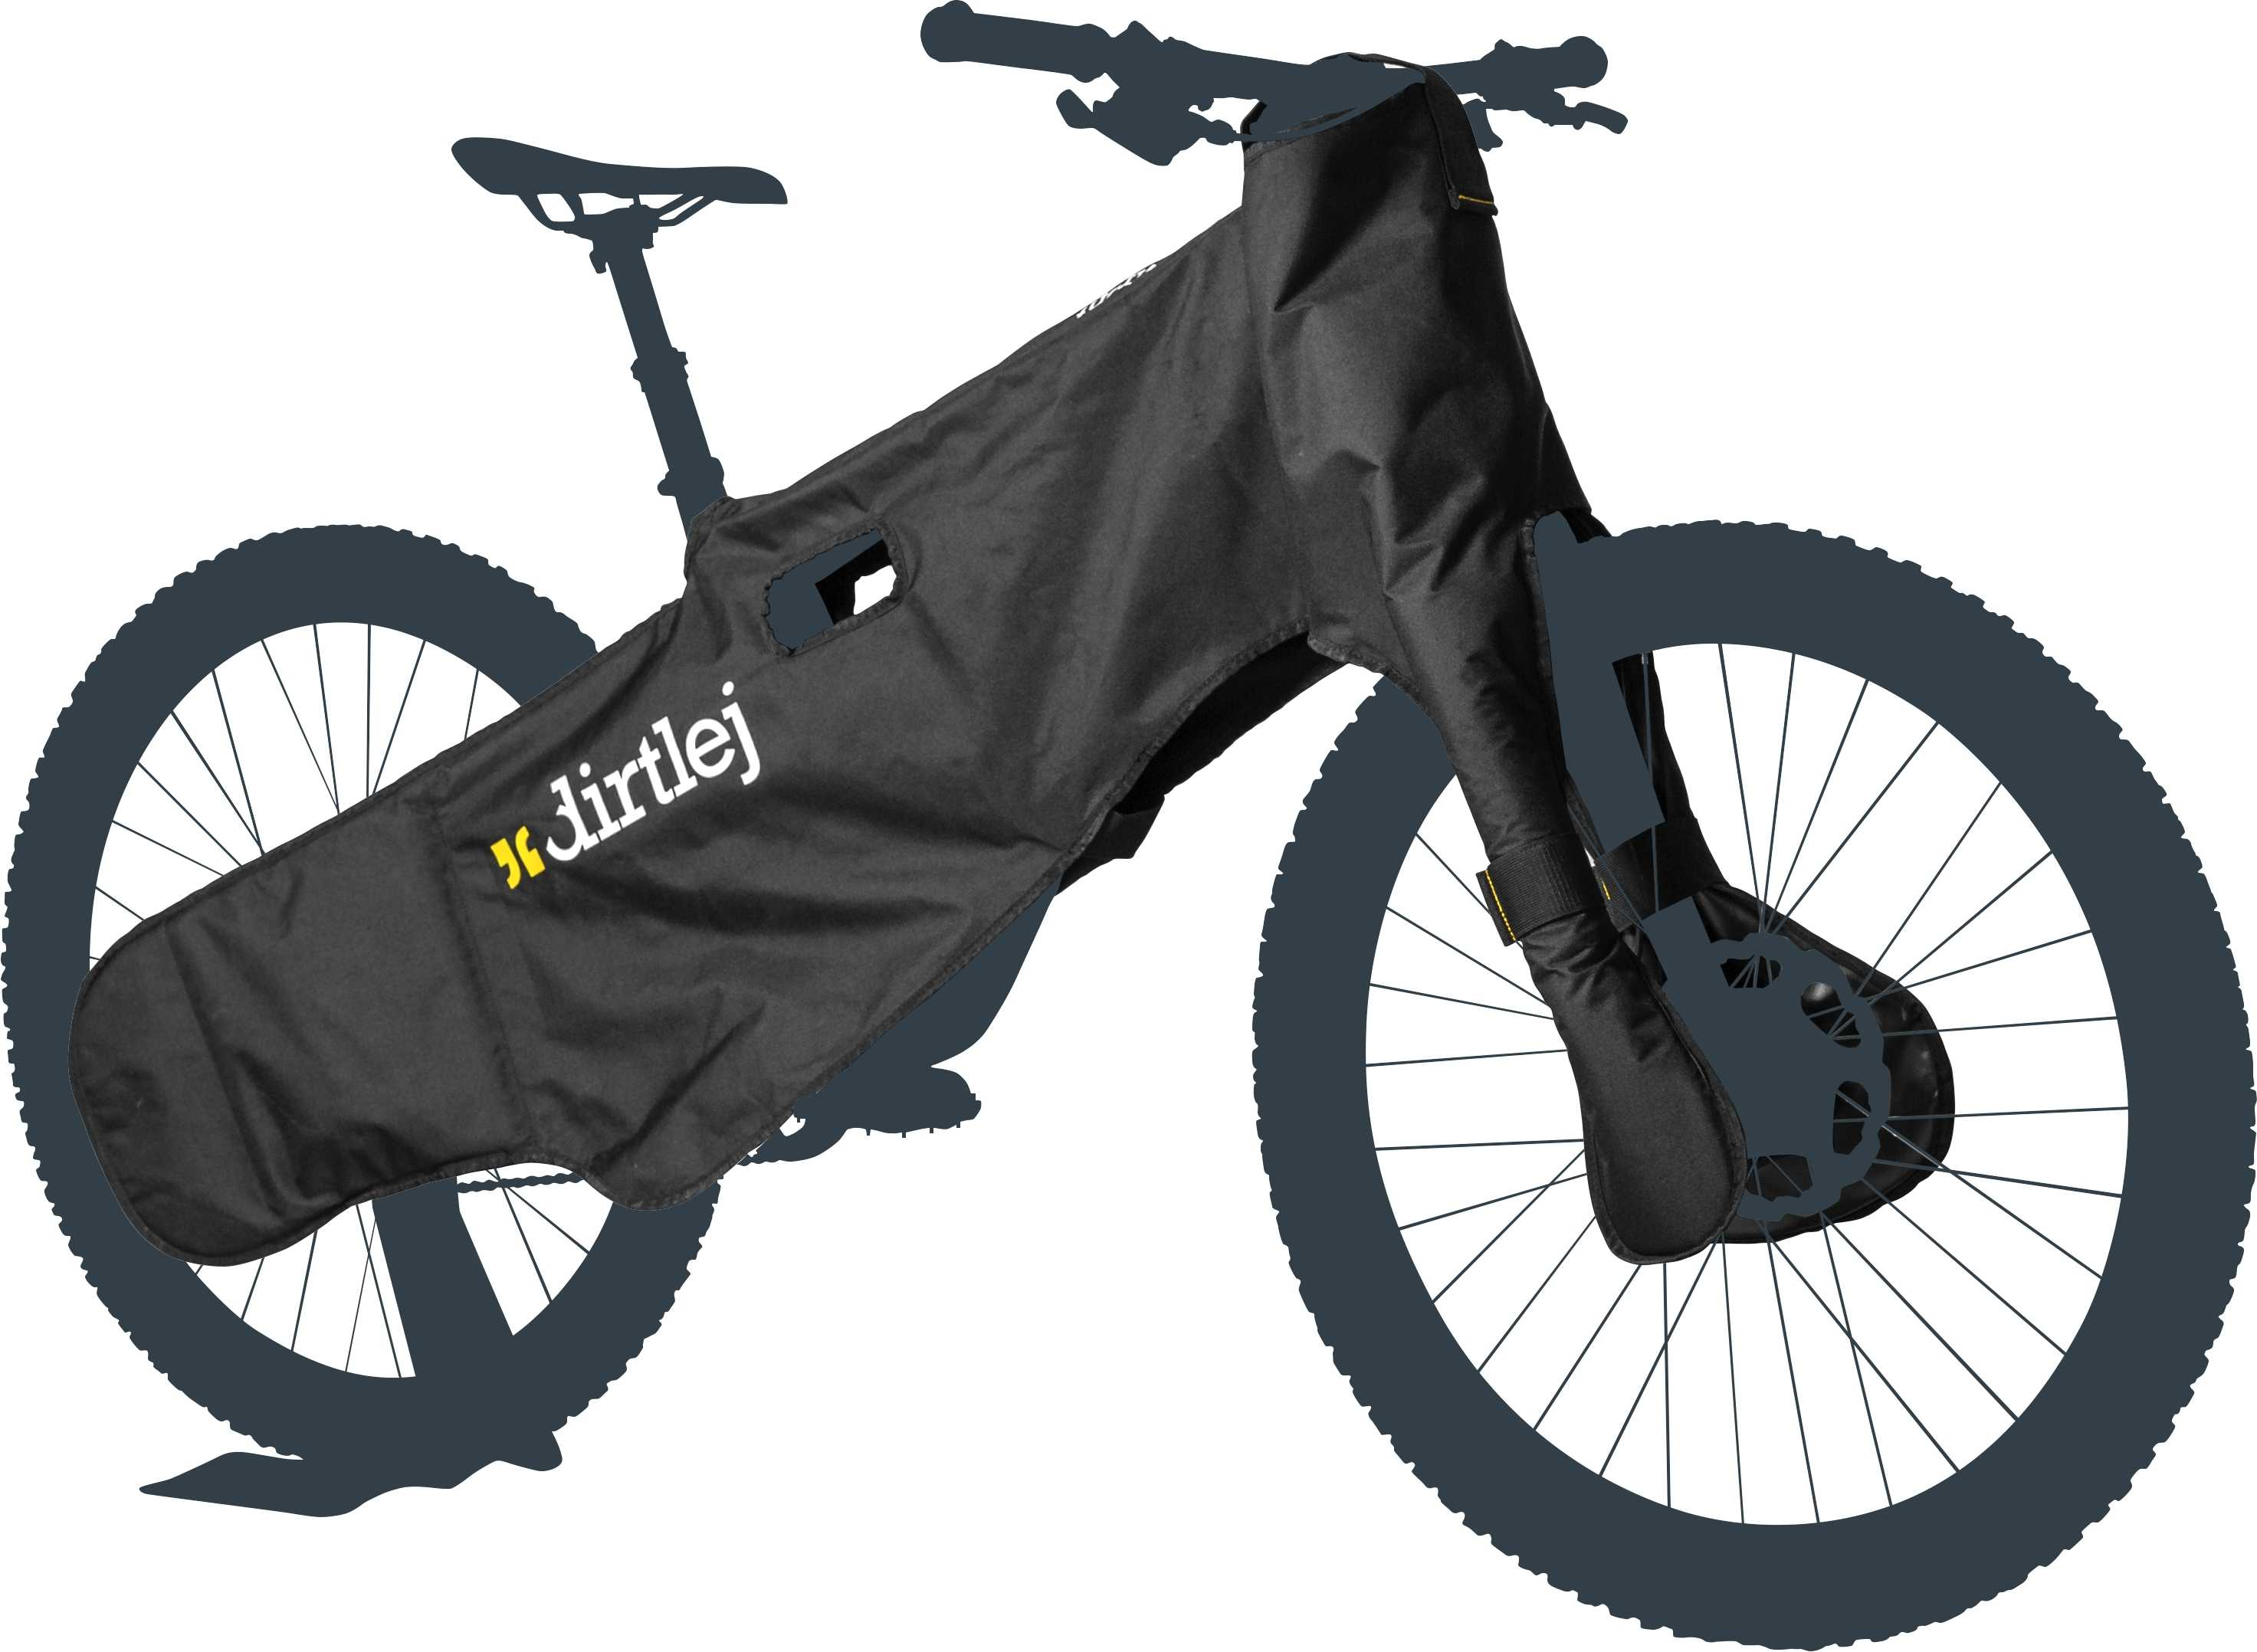 Ramskydd Dirtlej Bike Wrap | Misc. Mudguards